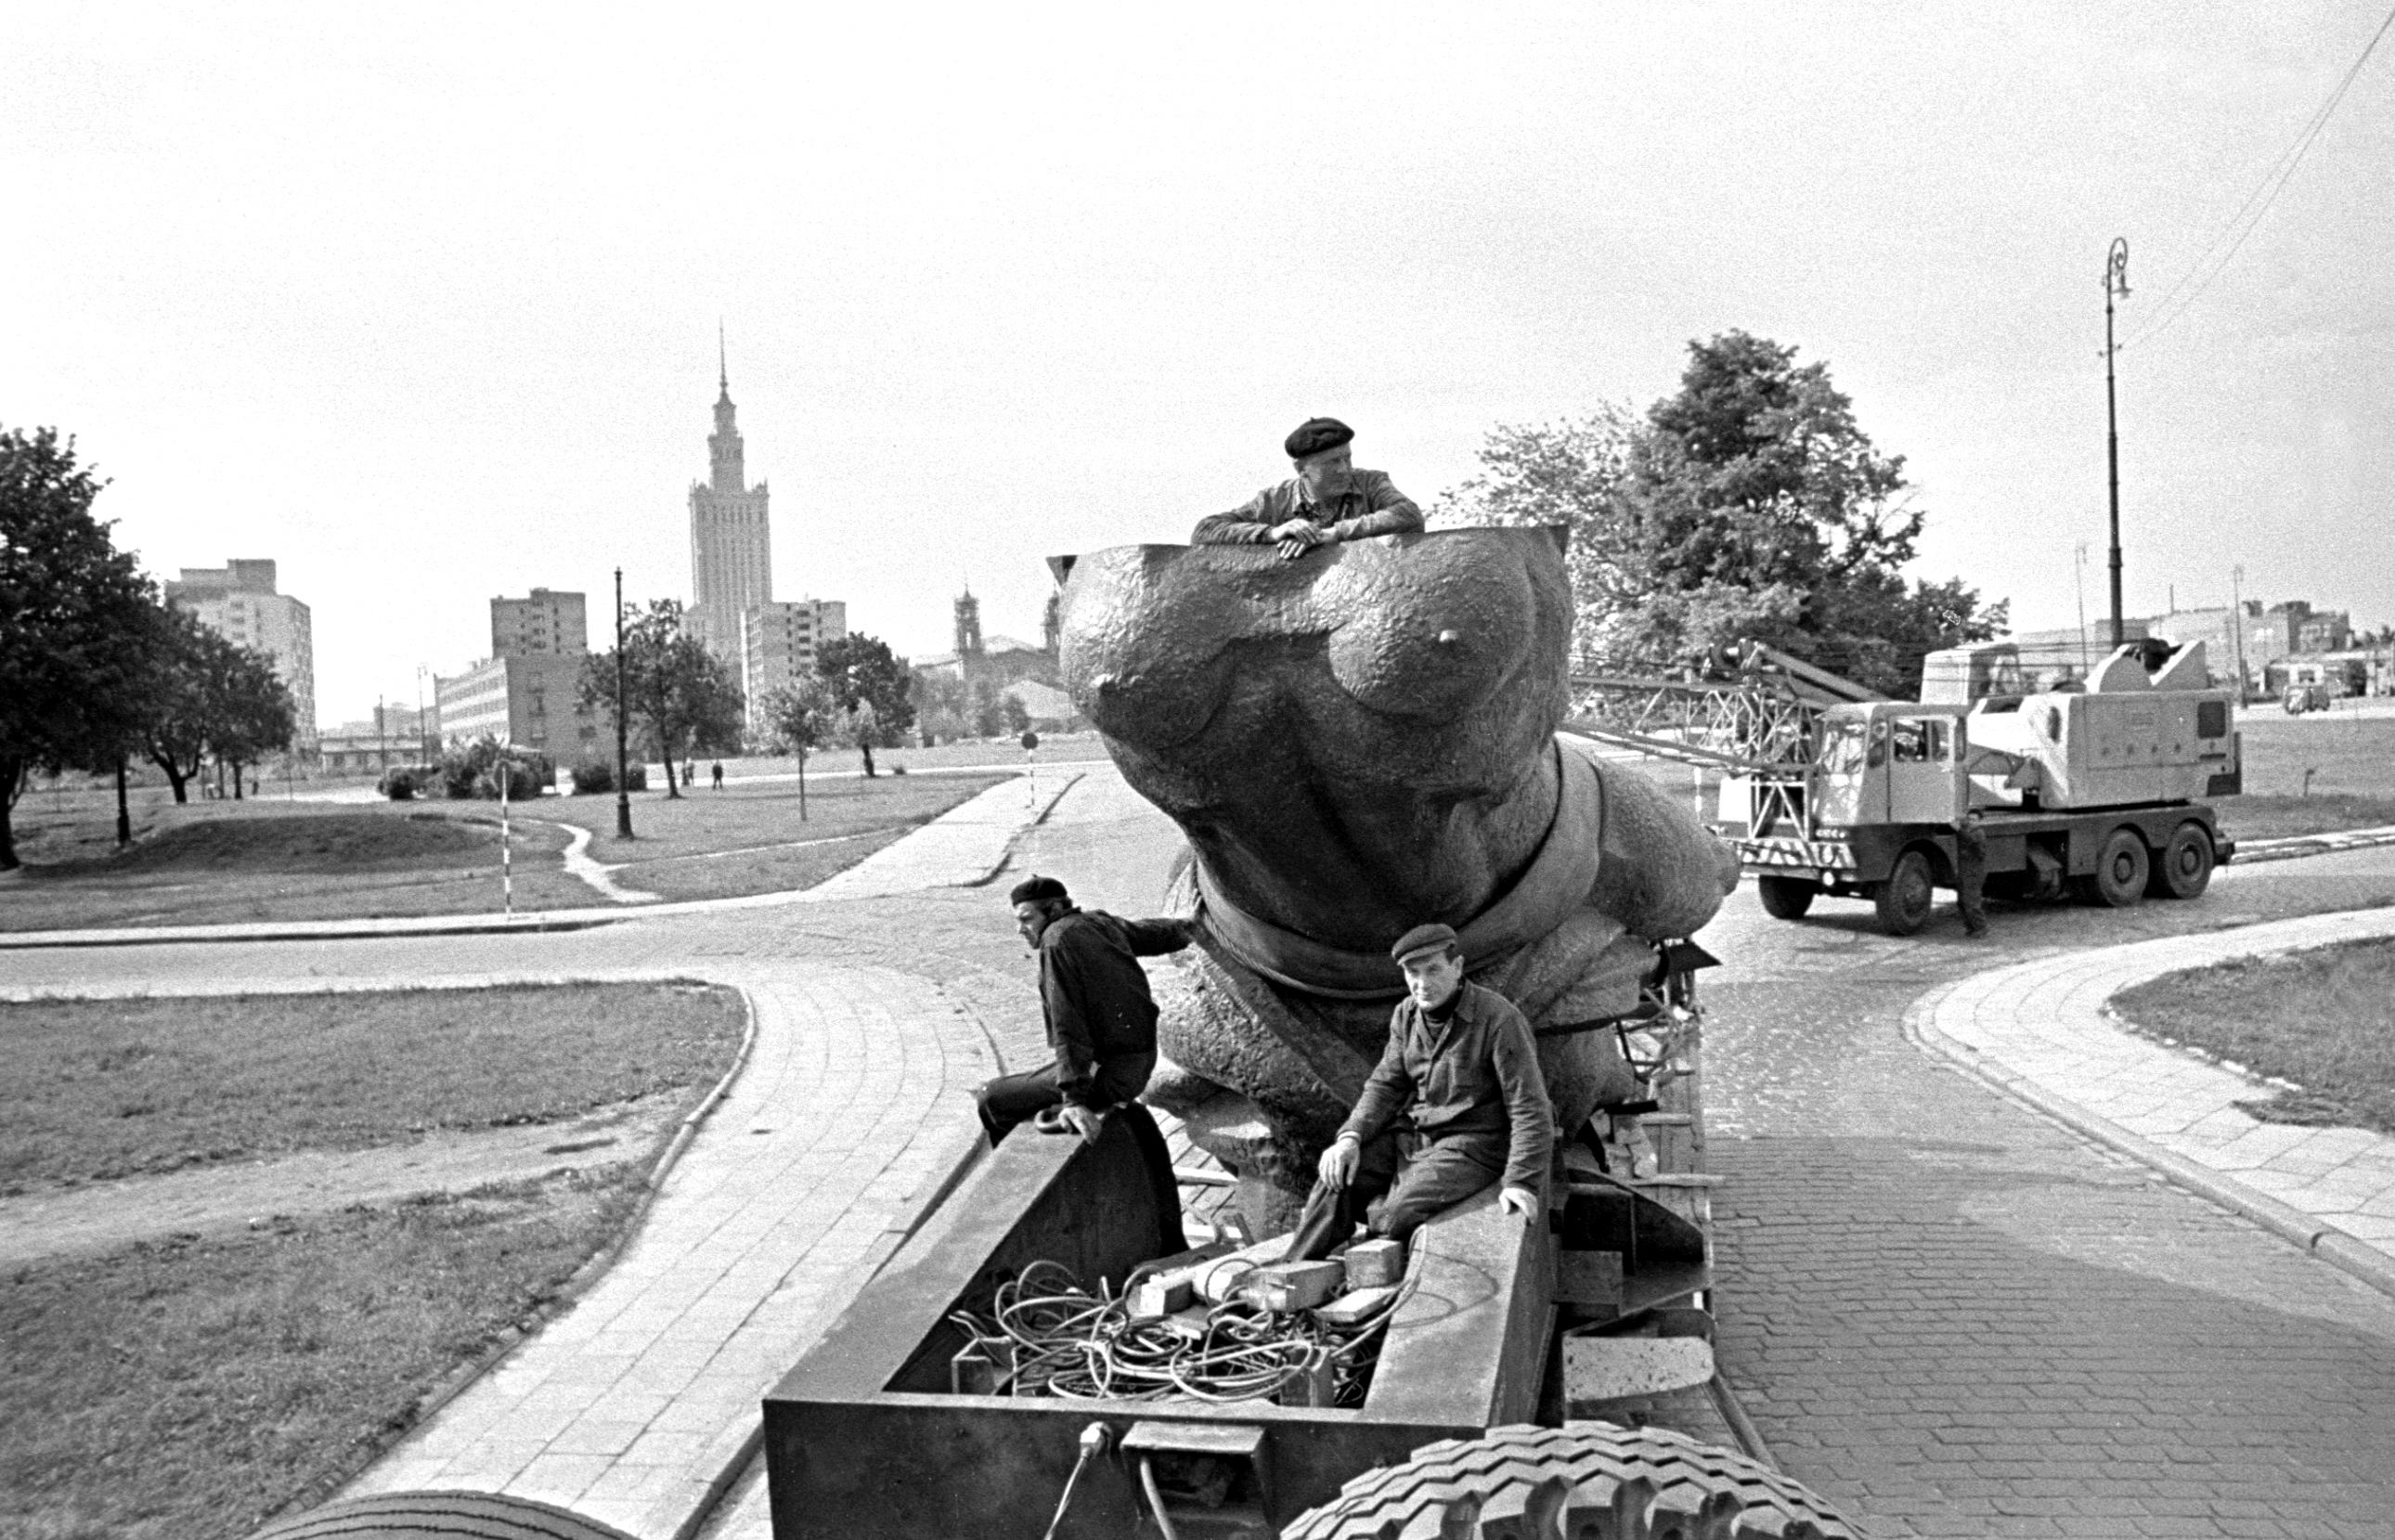 Warszawa 07.1964 r. Transport pomnika Nike. Fot. Aleksander Jałosiński/FORUM